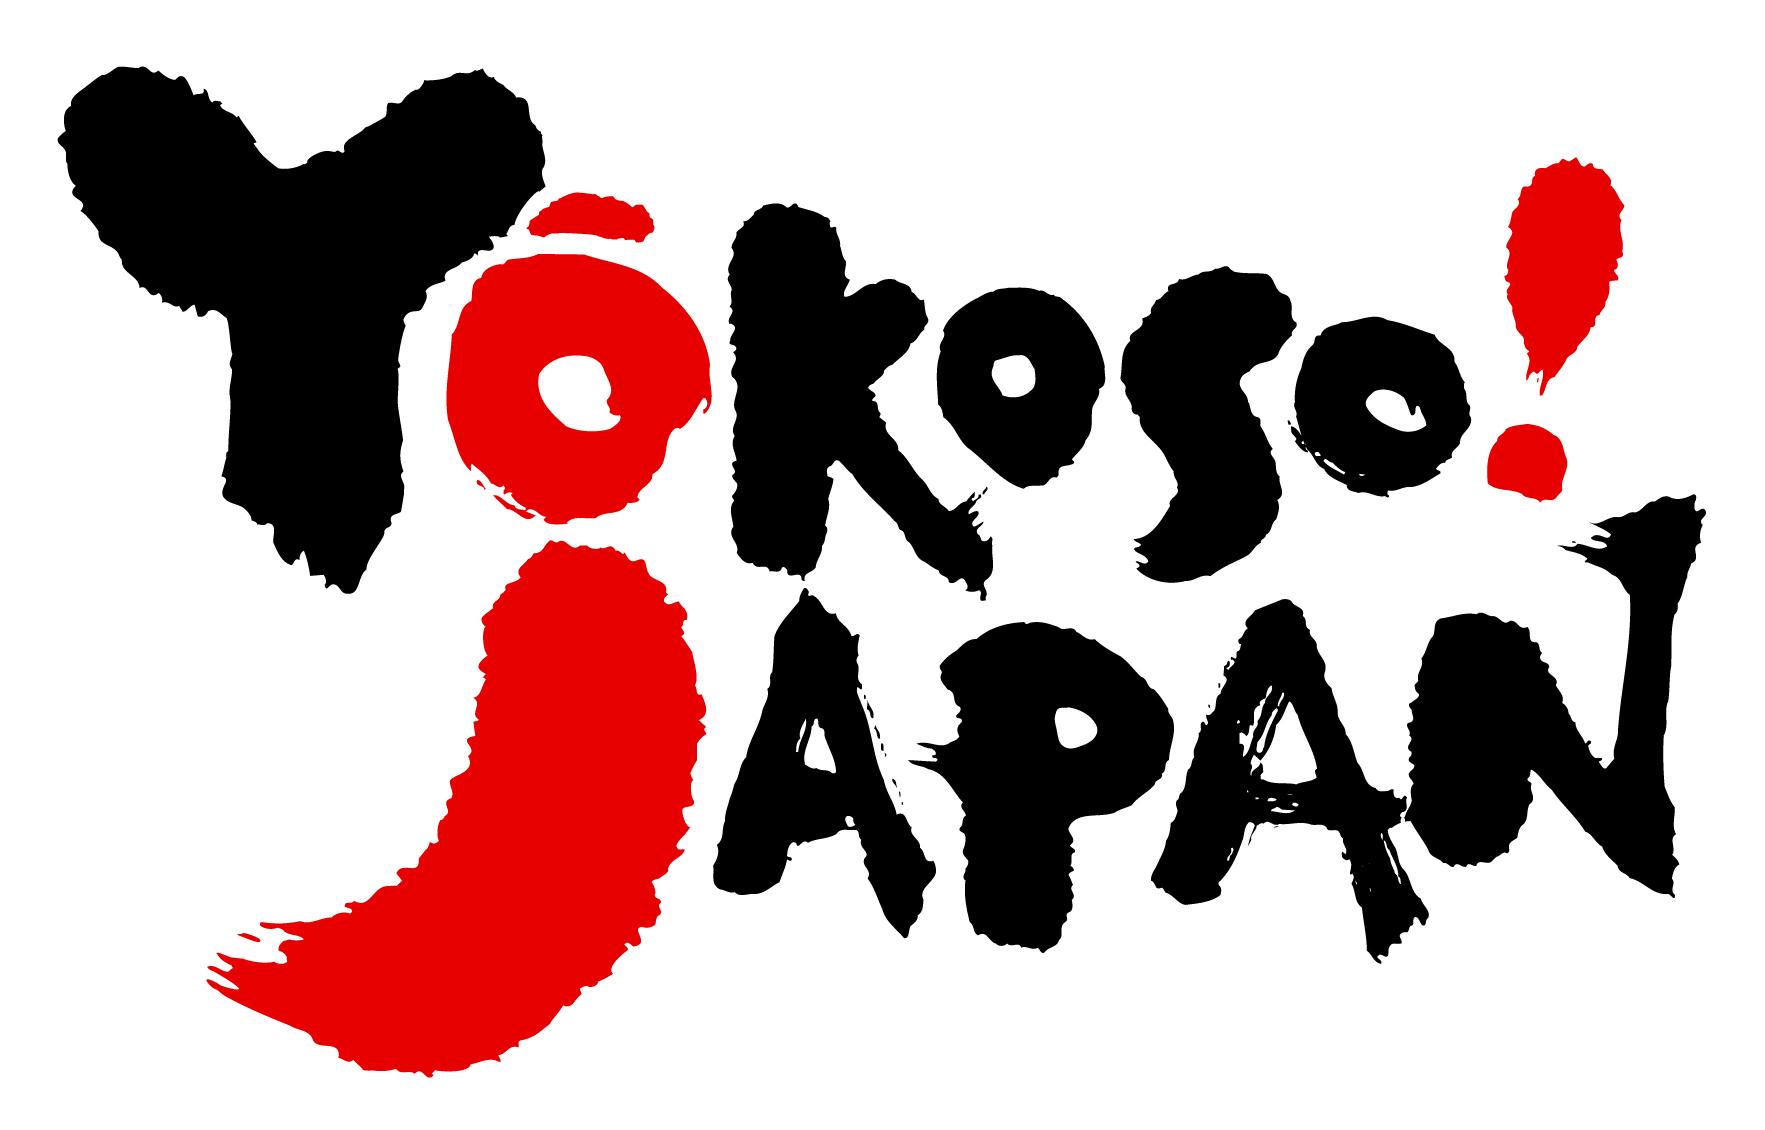 Comment Dire Bienvenue En Japonais, Yokoso Et Autres | Un à Bonjour Japonnais